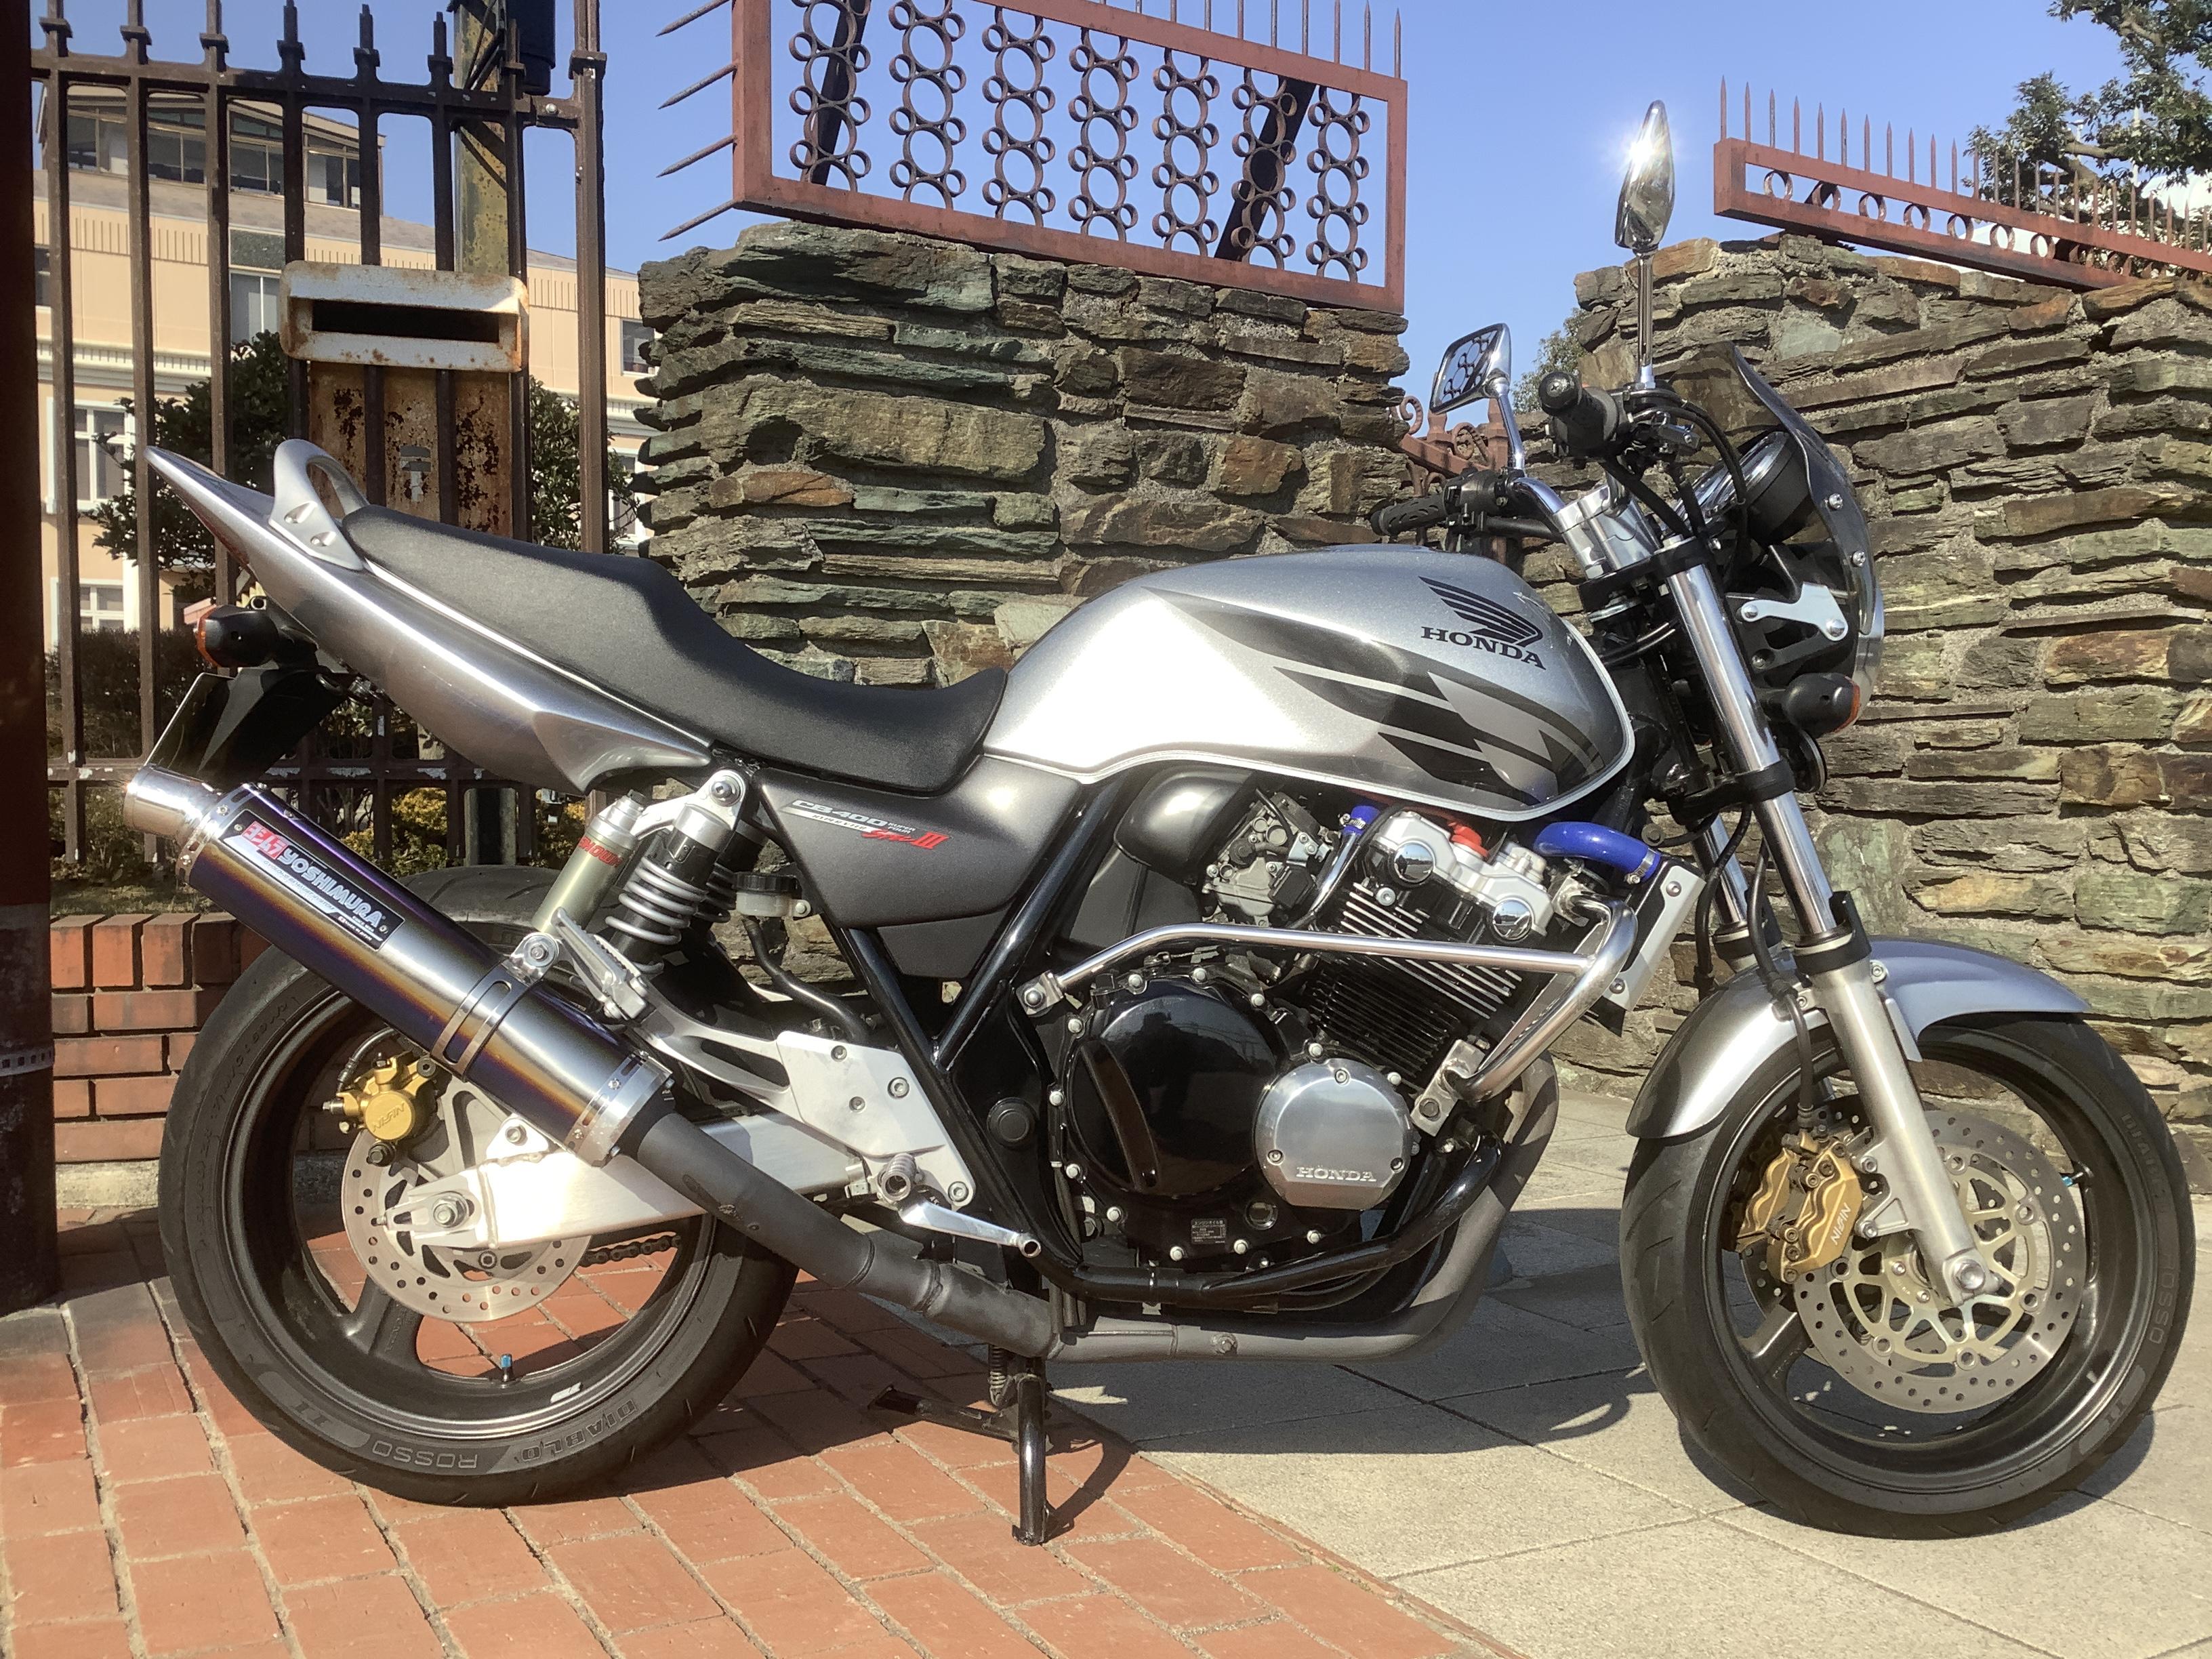 CB400Vtec-3(HN-00)銀 - 【公式】レンタルバイクのベストBike® 経堂駅前